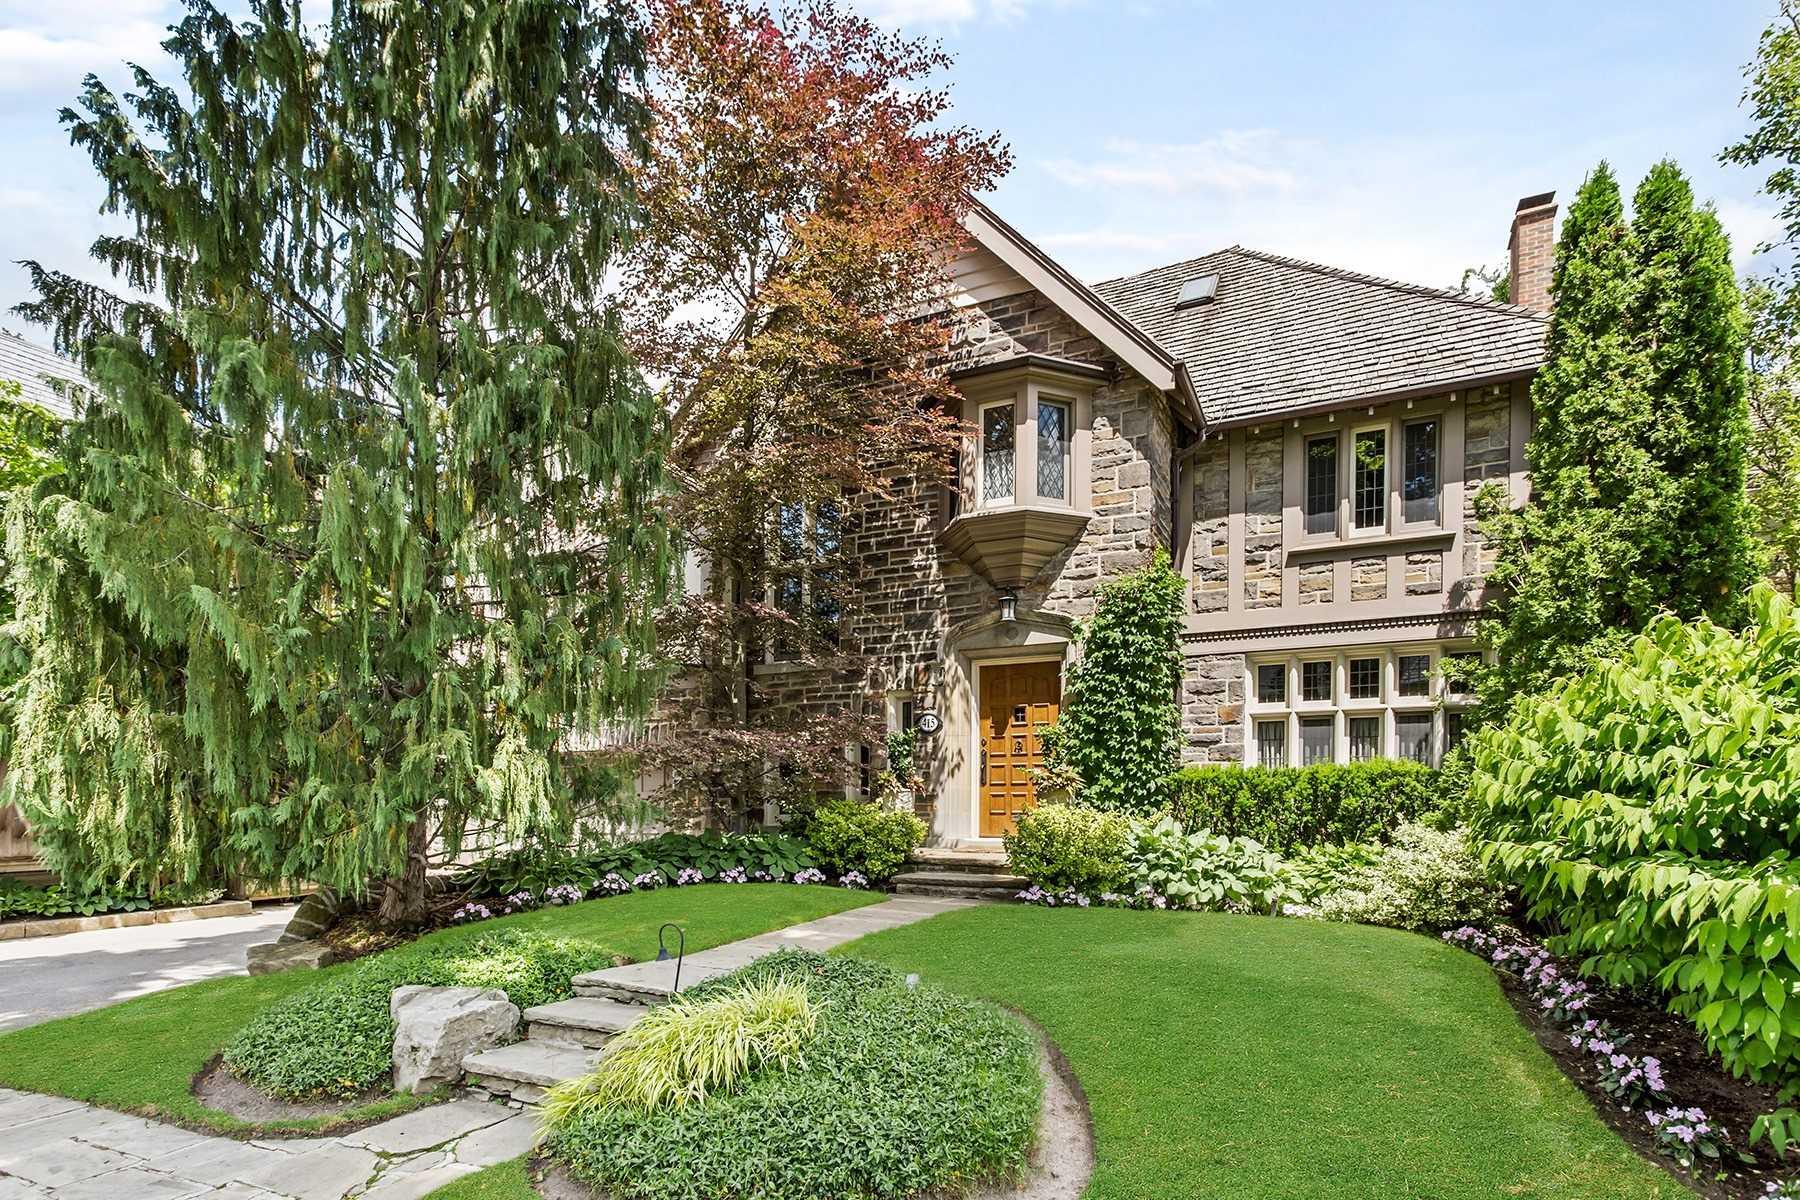 415 Glenayr Rd , Toronto, Ontario  M5P 3C8 - Photo 2 - RP275032562